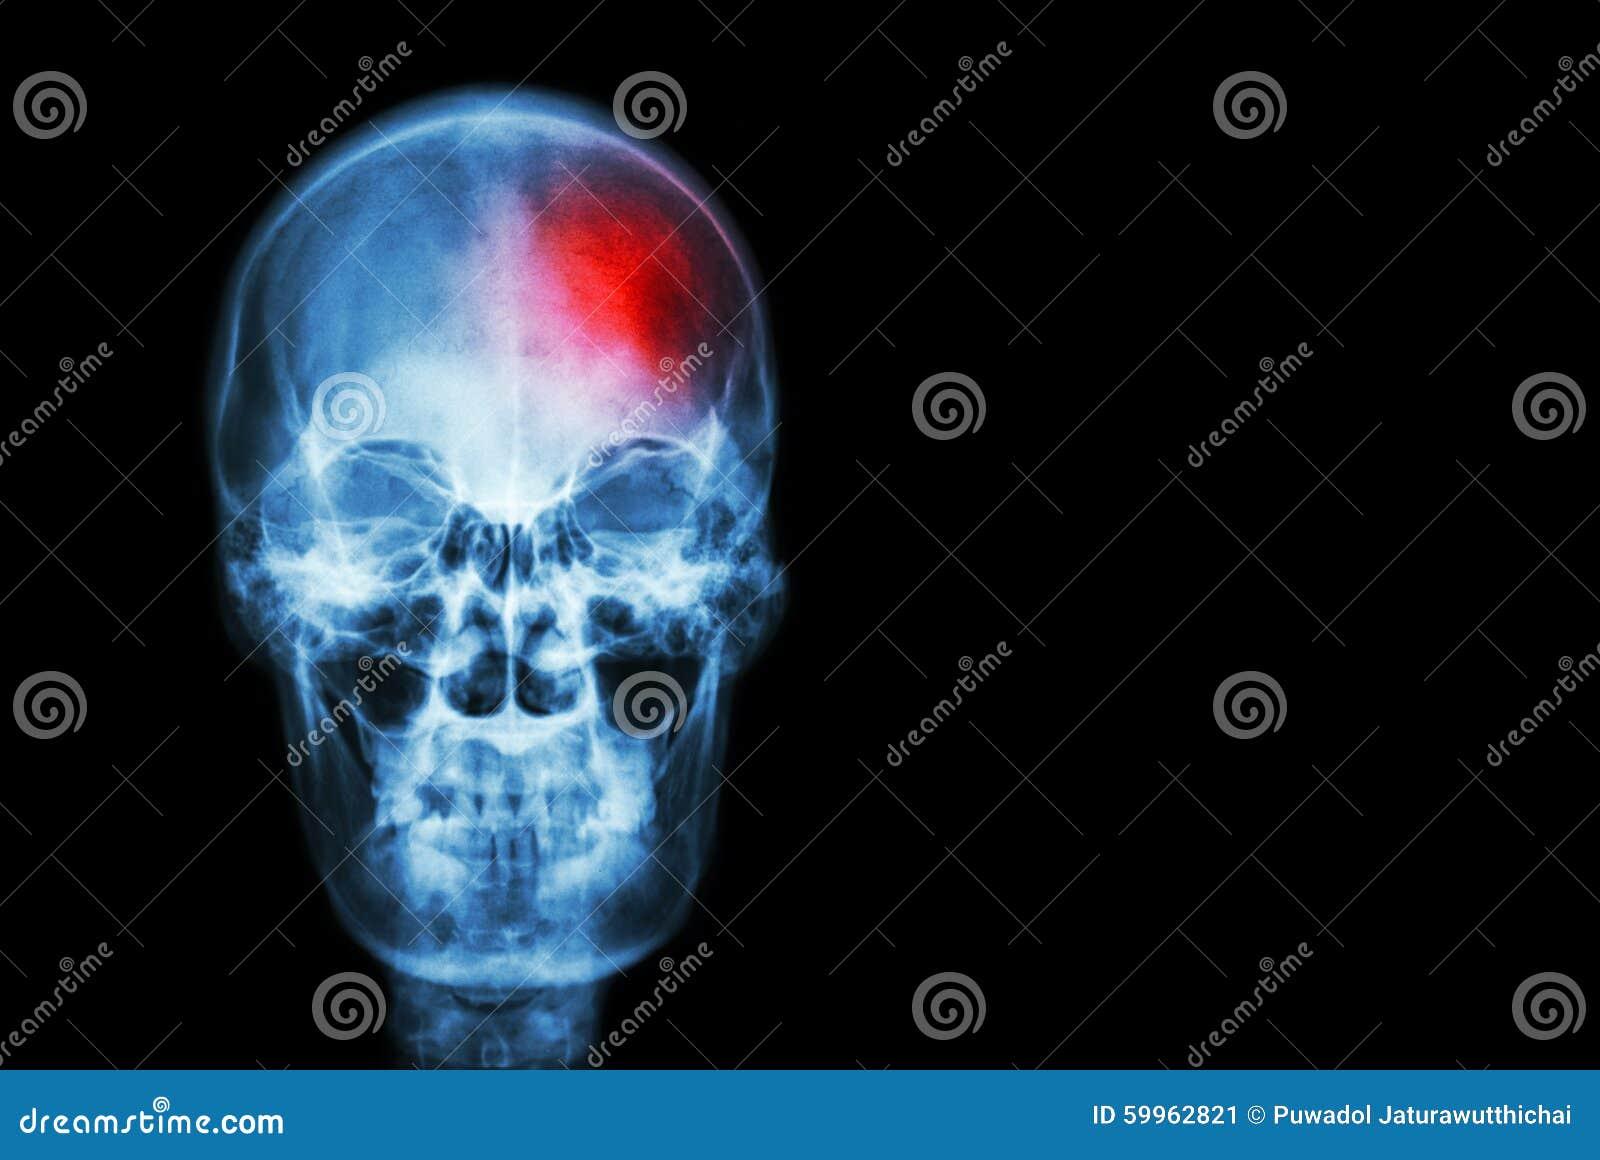 Curso (acidente celebral-vascular) filme o crânio do raio X do ser humano com a área vermelha (médica, ciência e conceito e backg